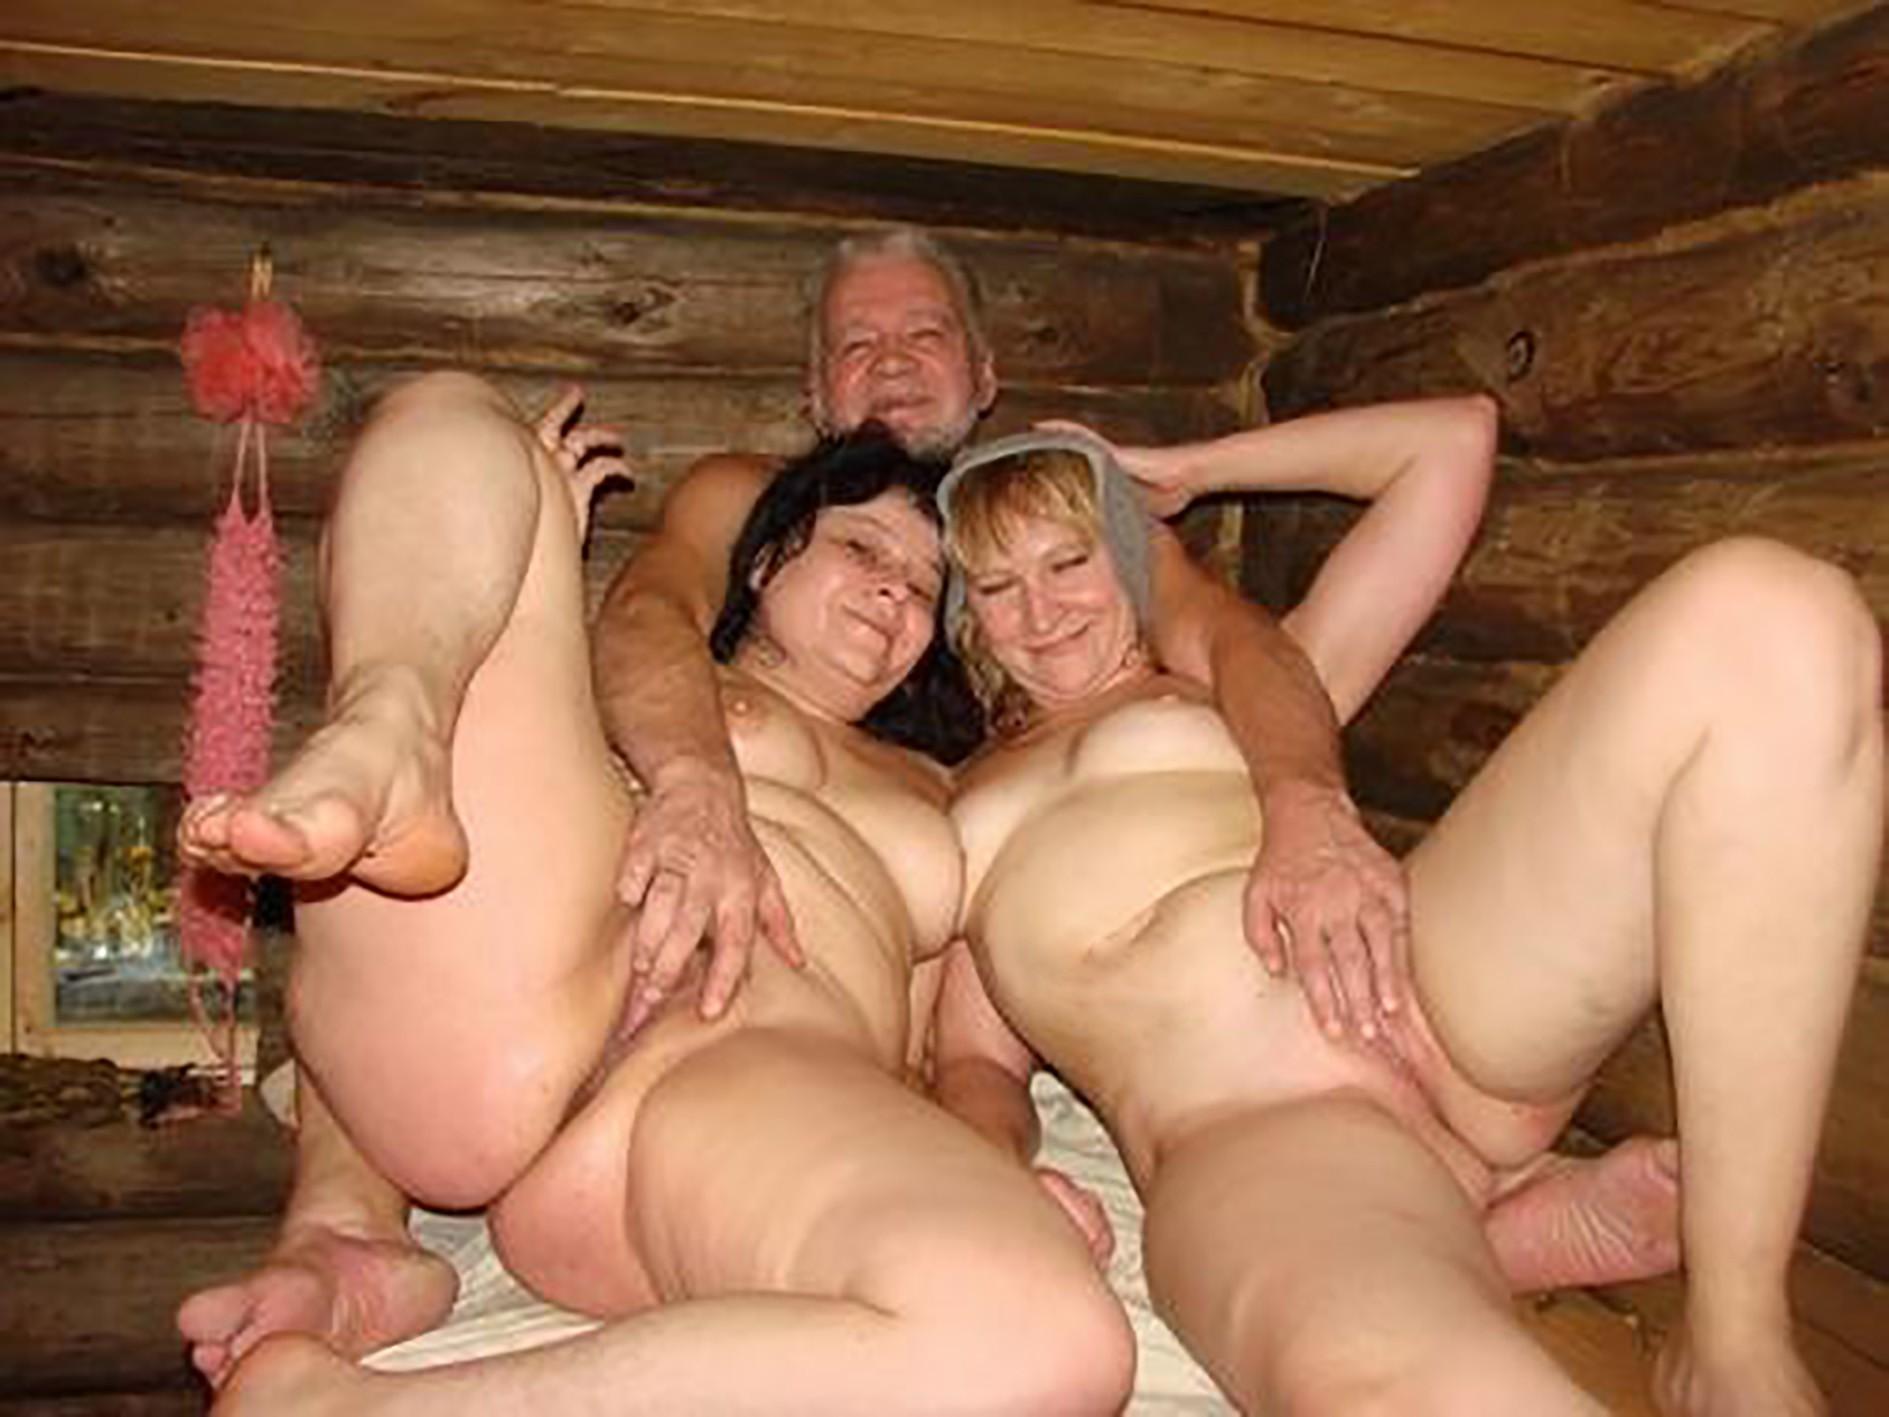 Порно рaсскaз в бaне толстого